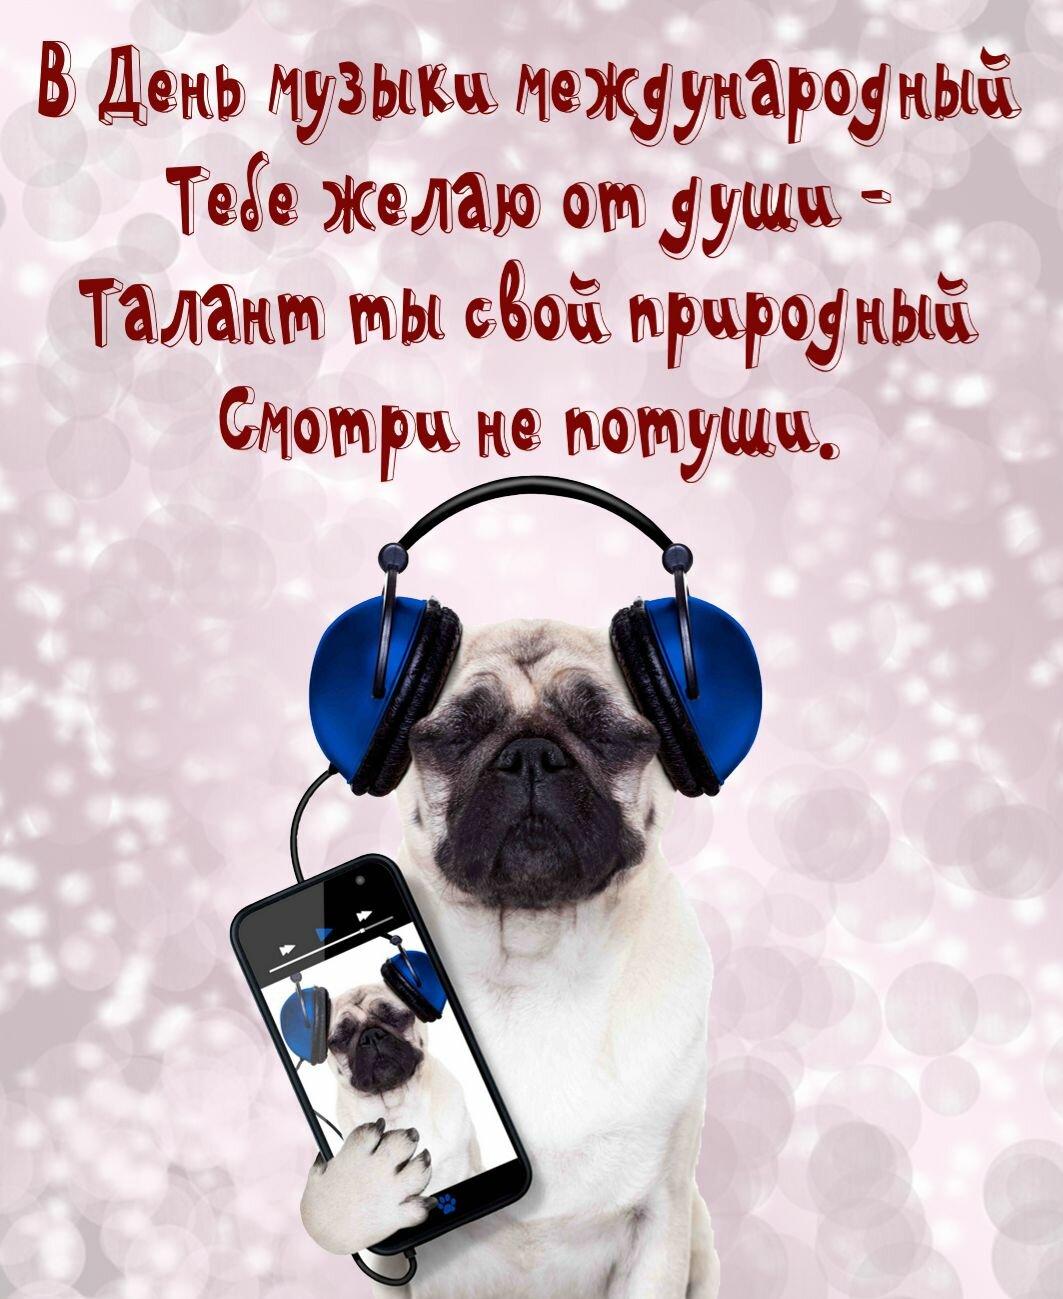 Поздравление с мобильного музыка